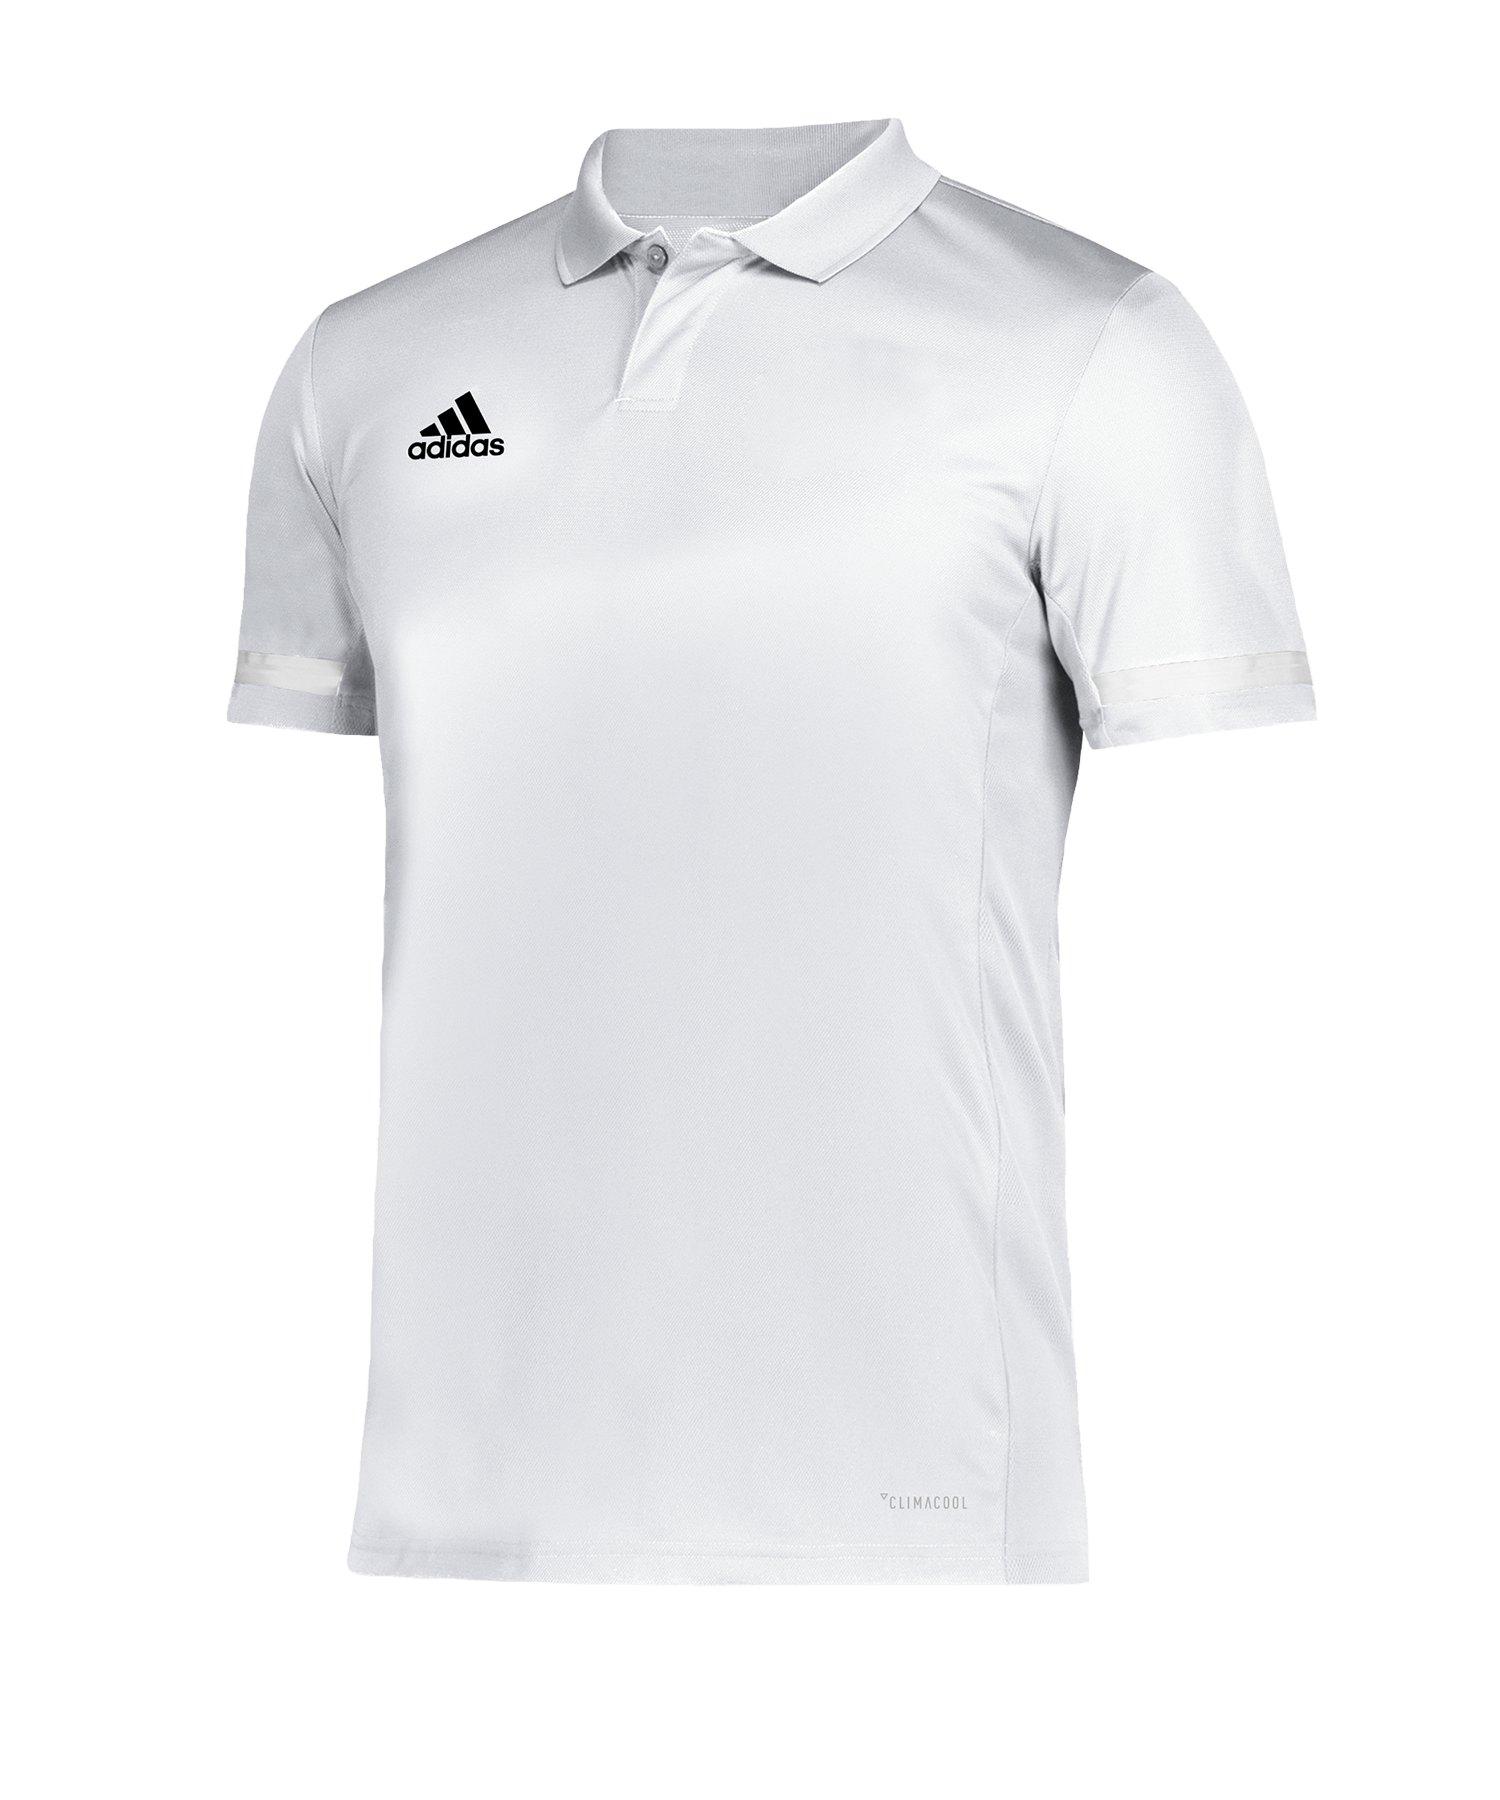 adidas Team 19 Poloshirt Weiss - weiss